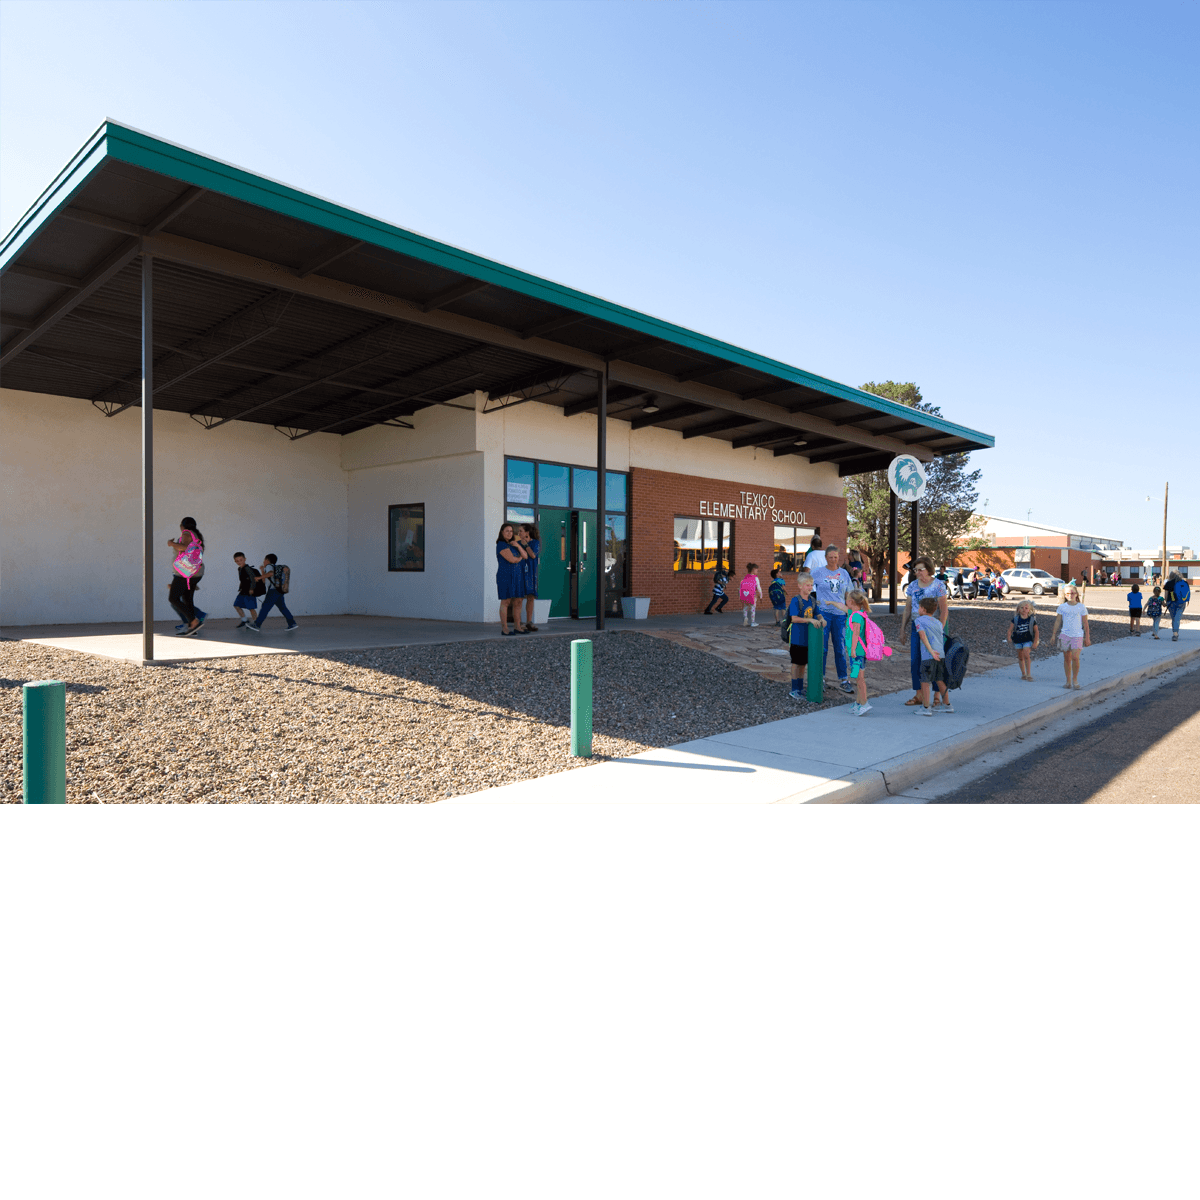 Texico Elementary School